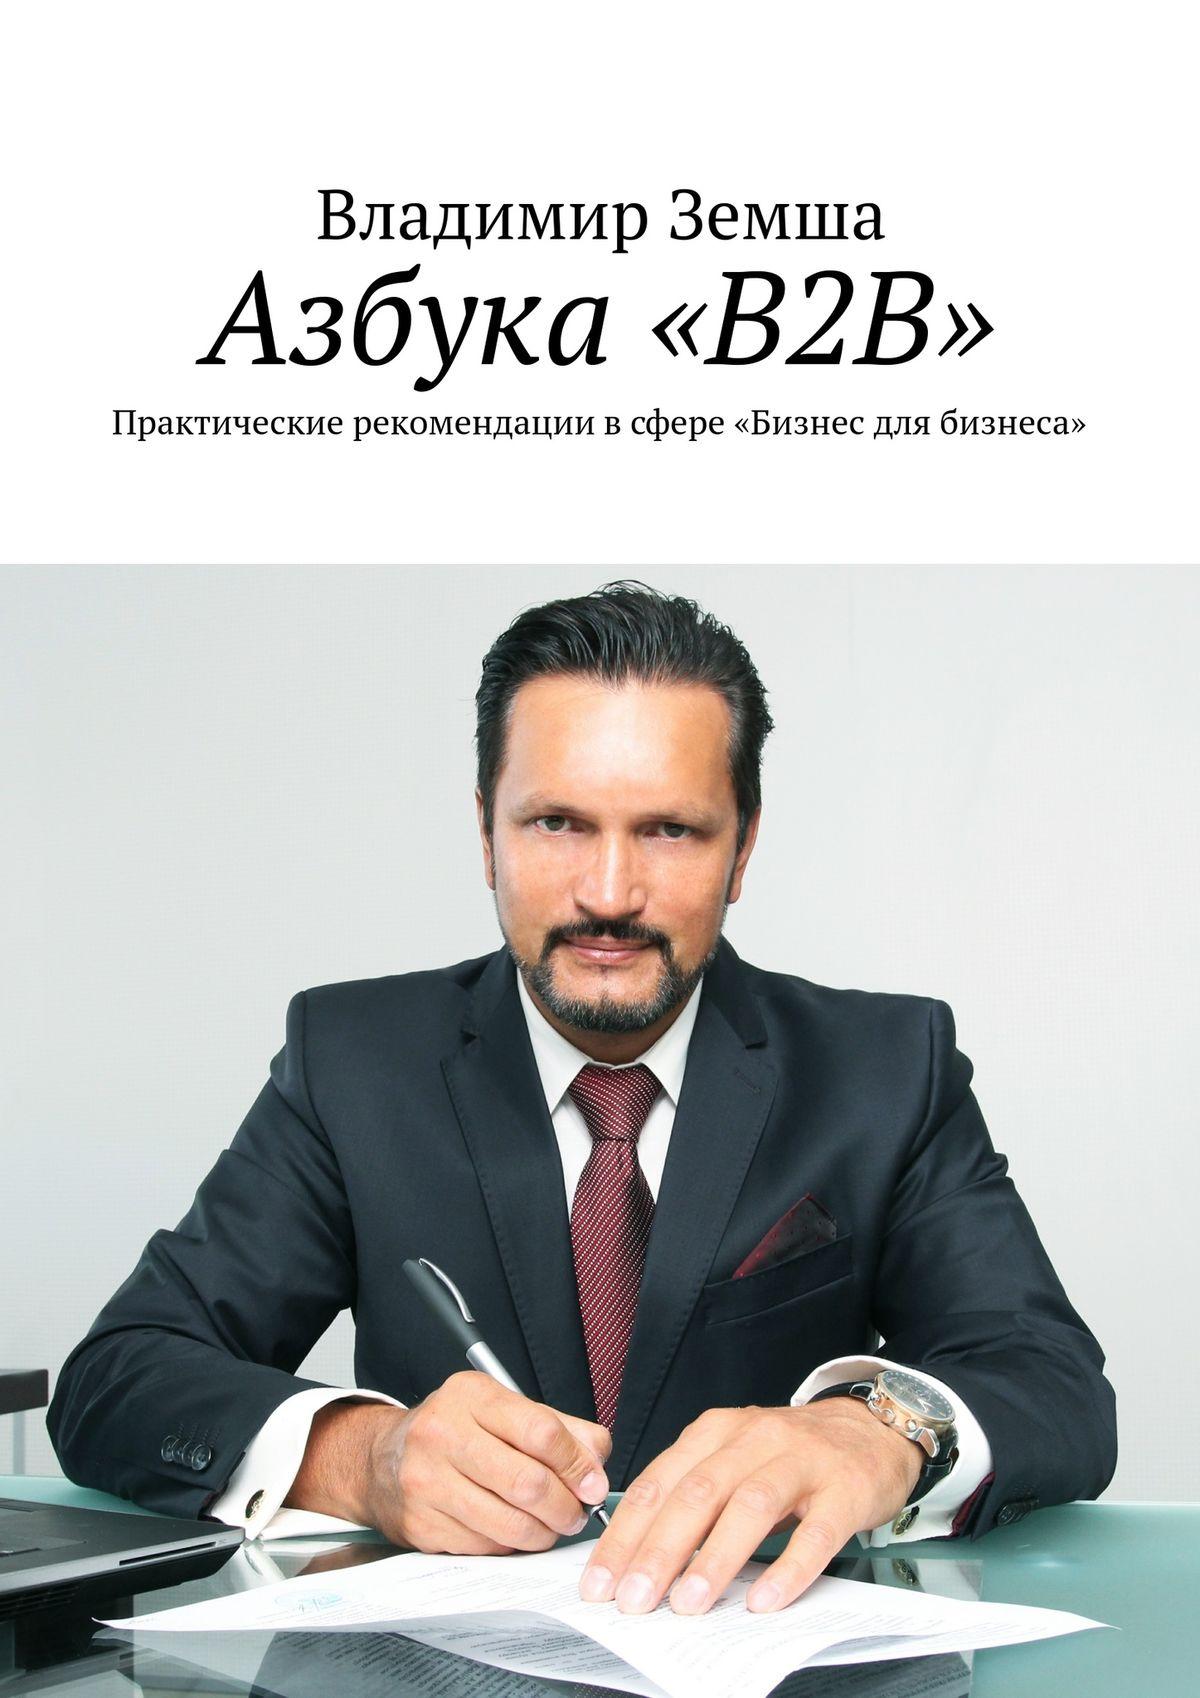 Владимир Валерьевич Земша Азбука «B2B». Практические рекомендации всфере «Бизнес для бизнеса» гусарова в птуха к управление продажами на территории теоретические основы и практические рекомендации